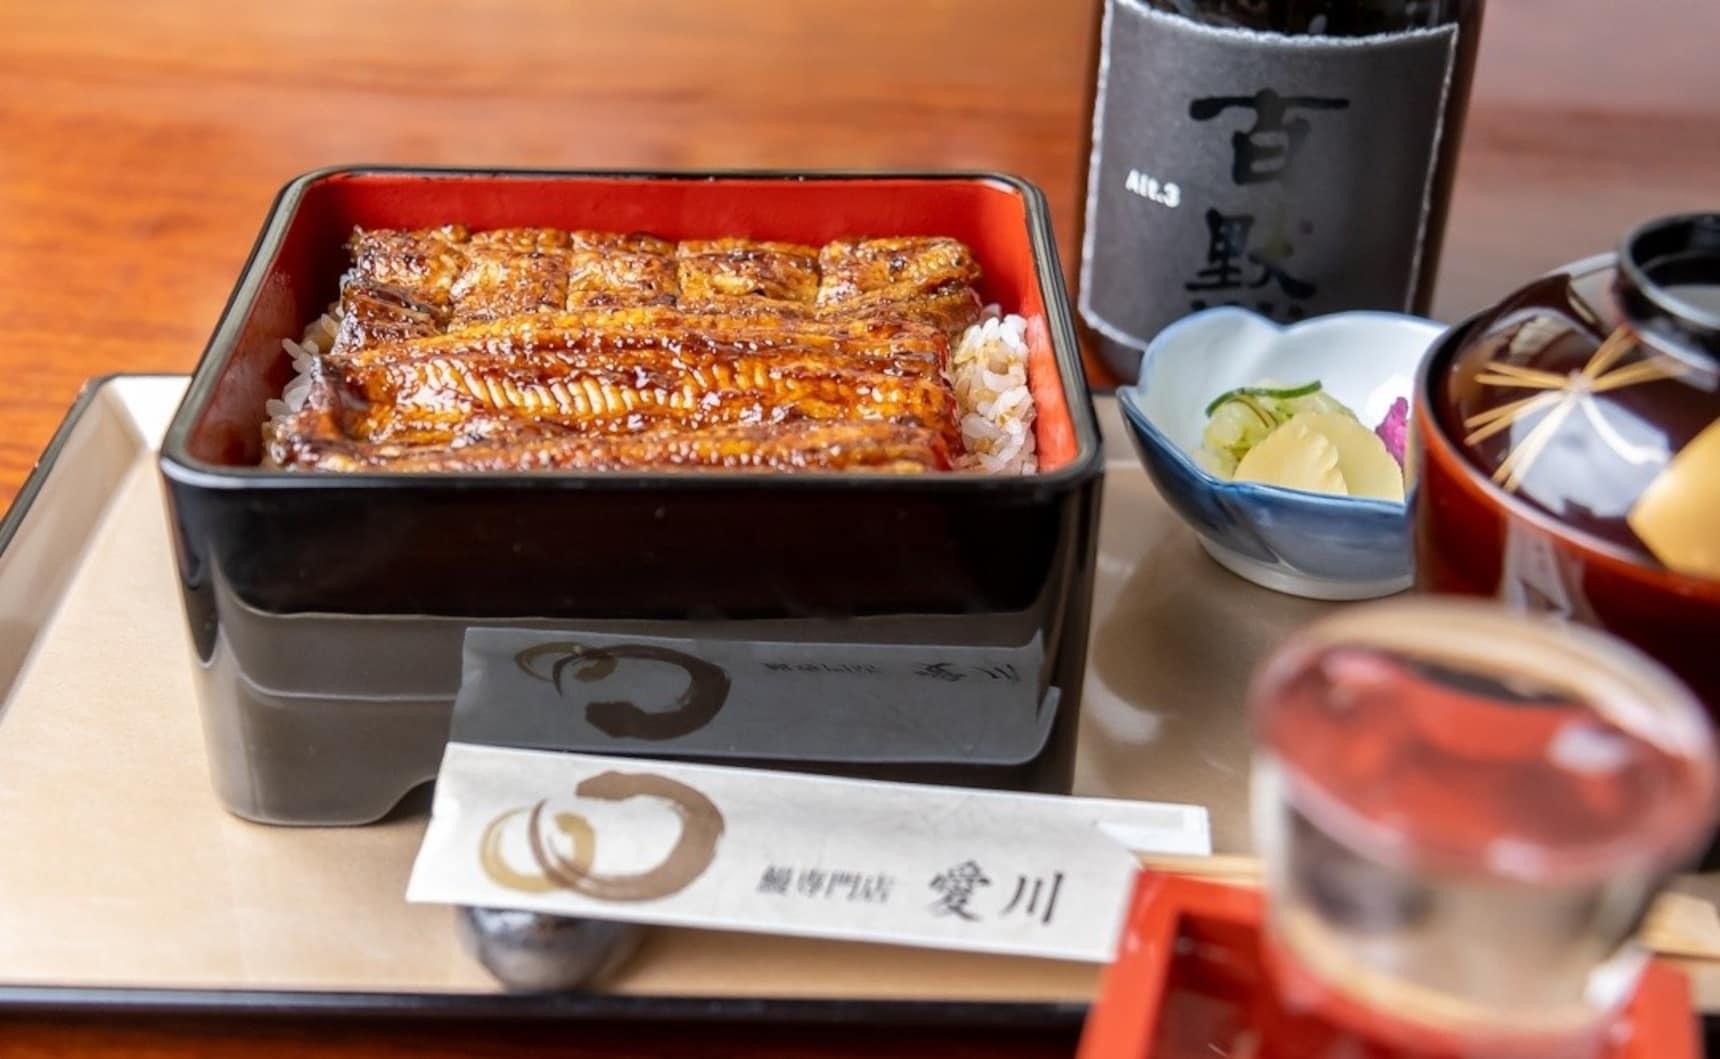 """食在东京:现点现杀 万遍翻烤!值得花时间等待的""""爱川""""东西双拼鳗鱼饭"""